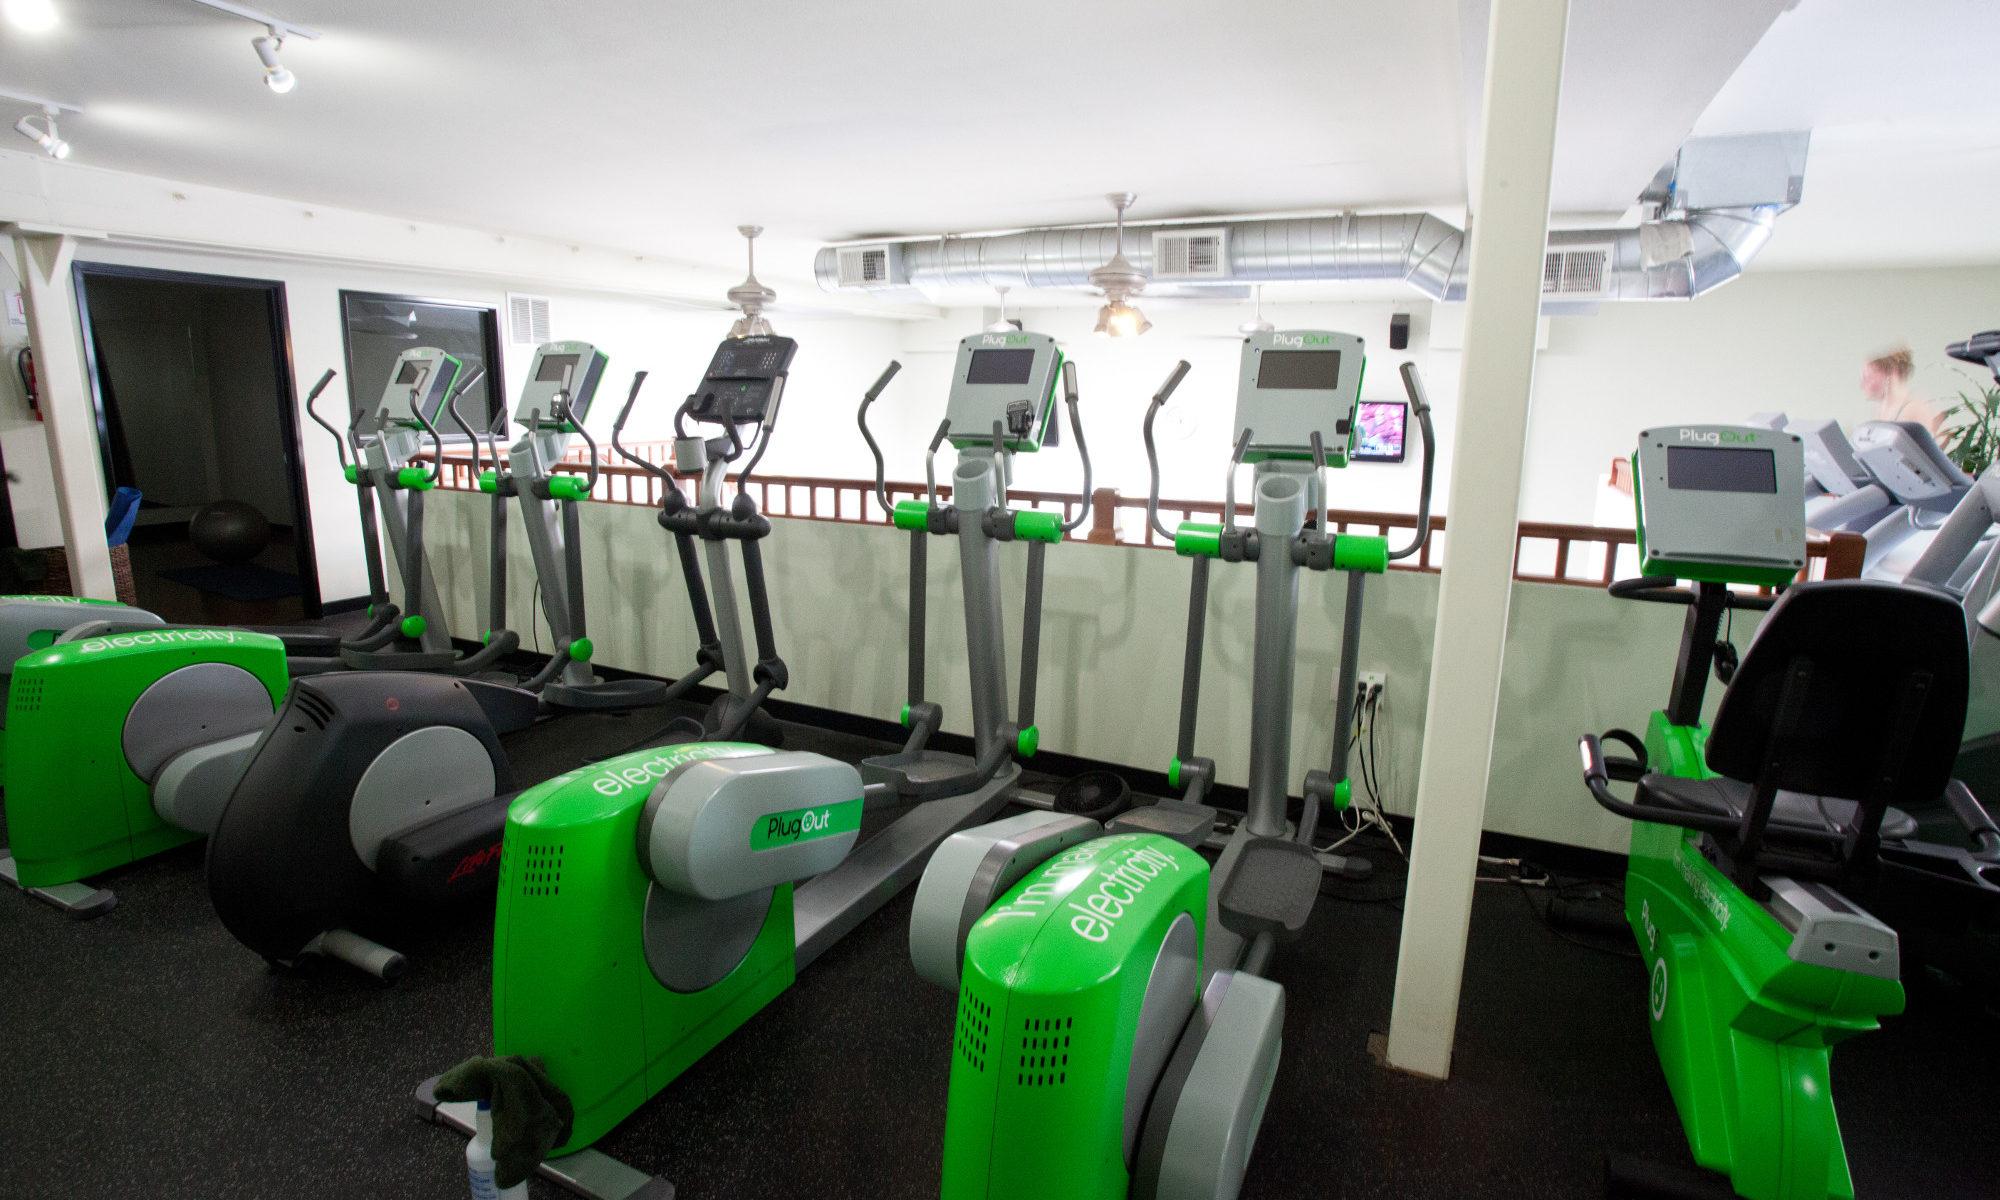 green microgym belmont ellipticals